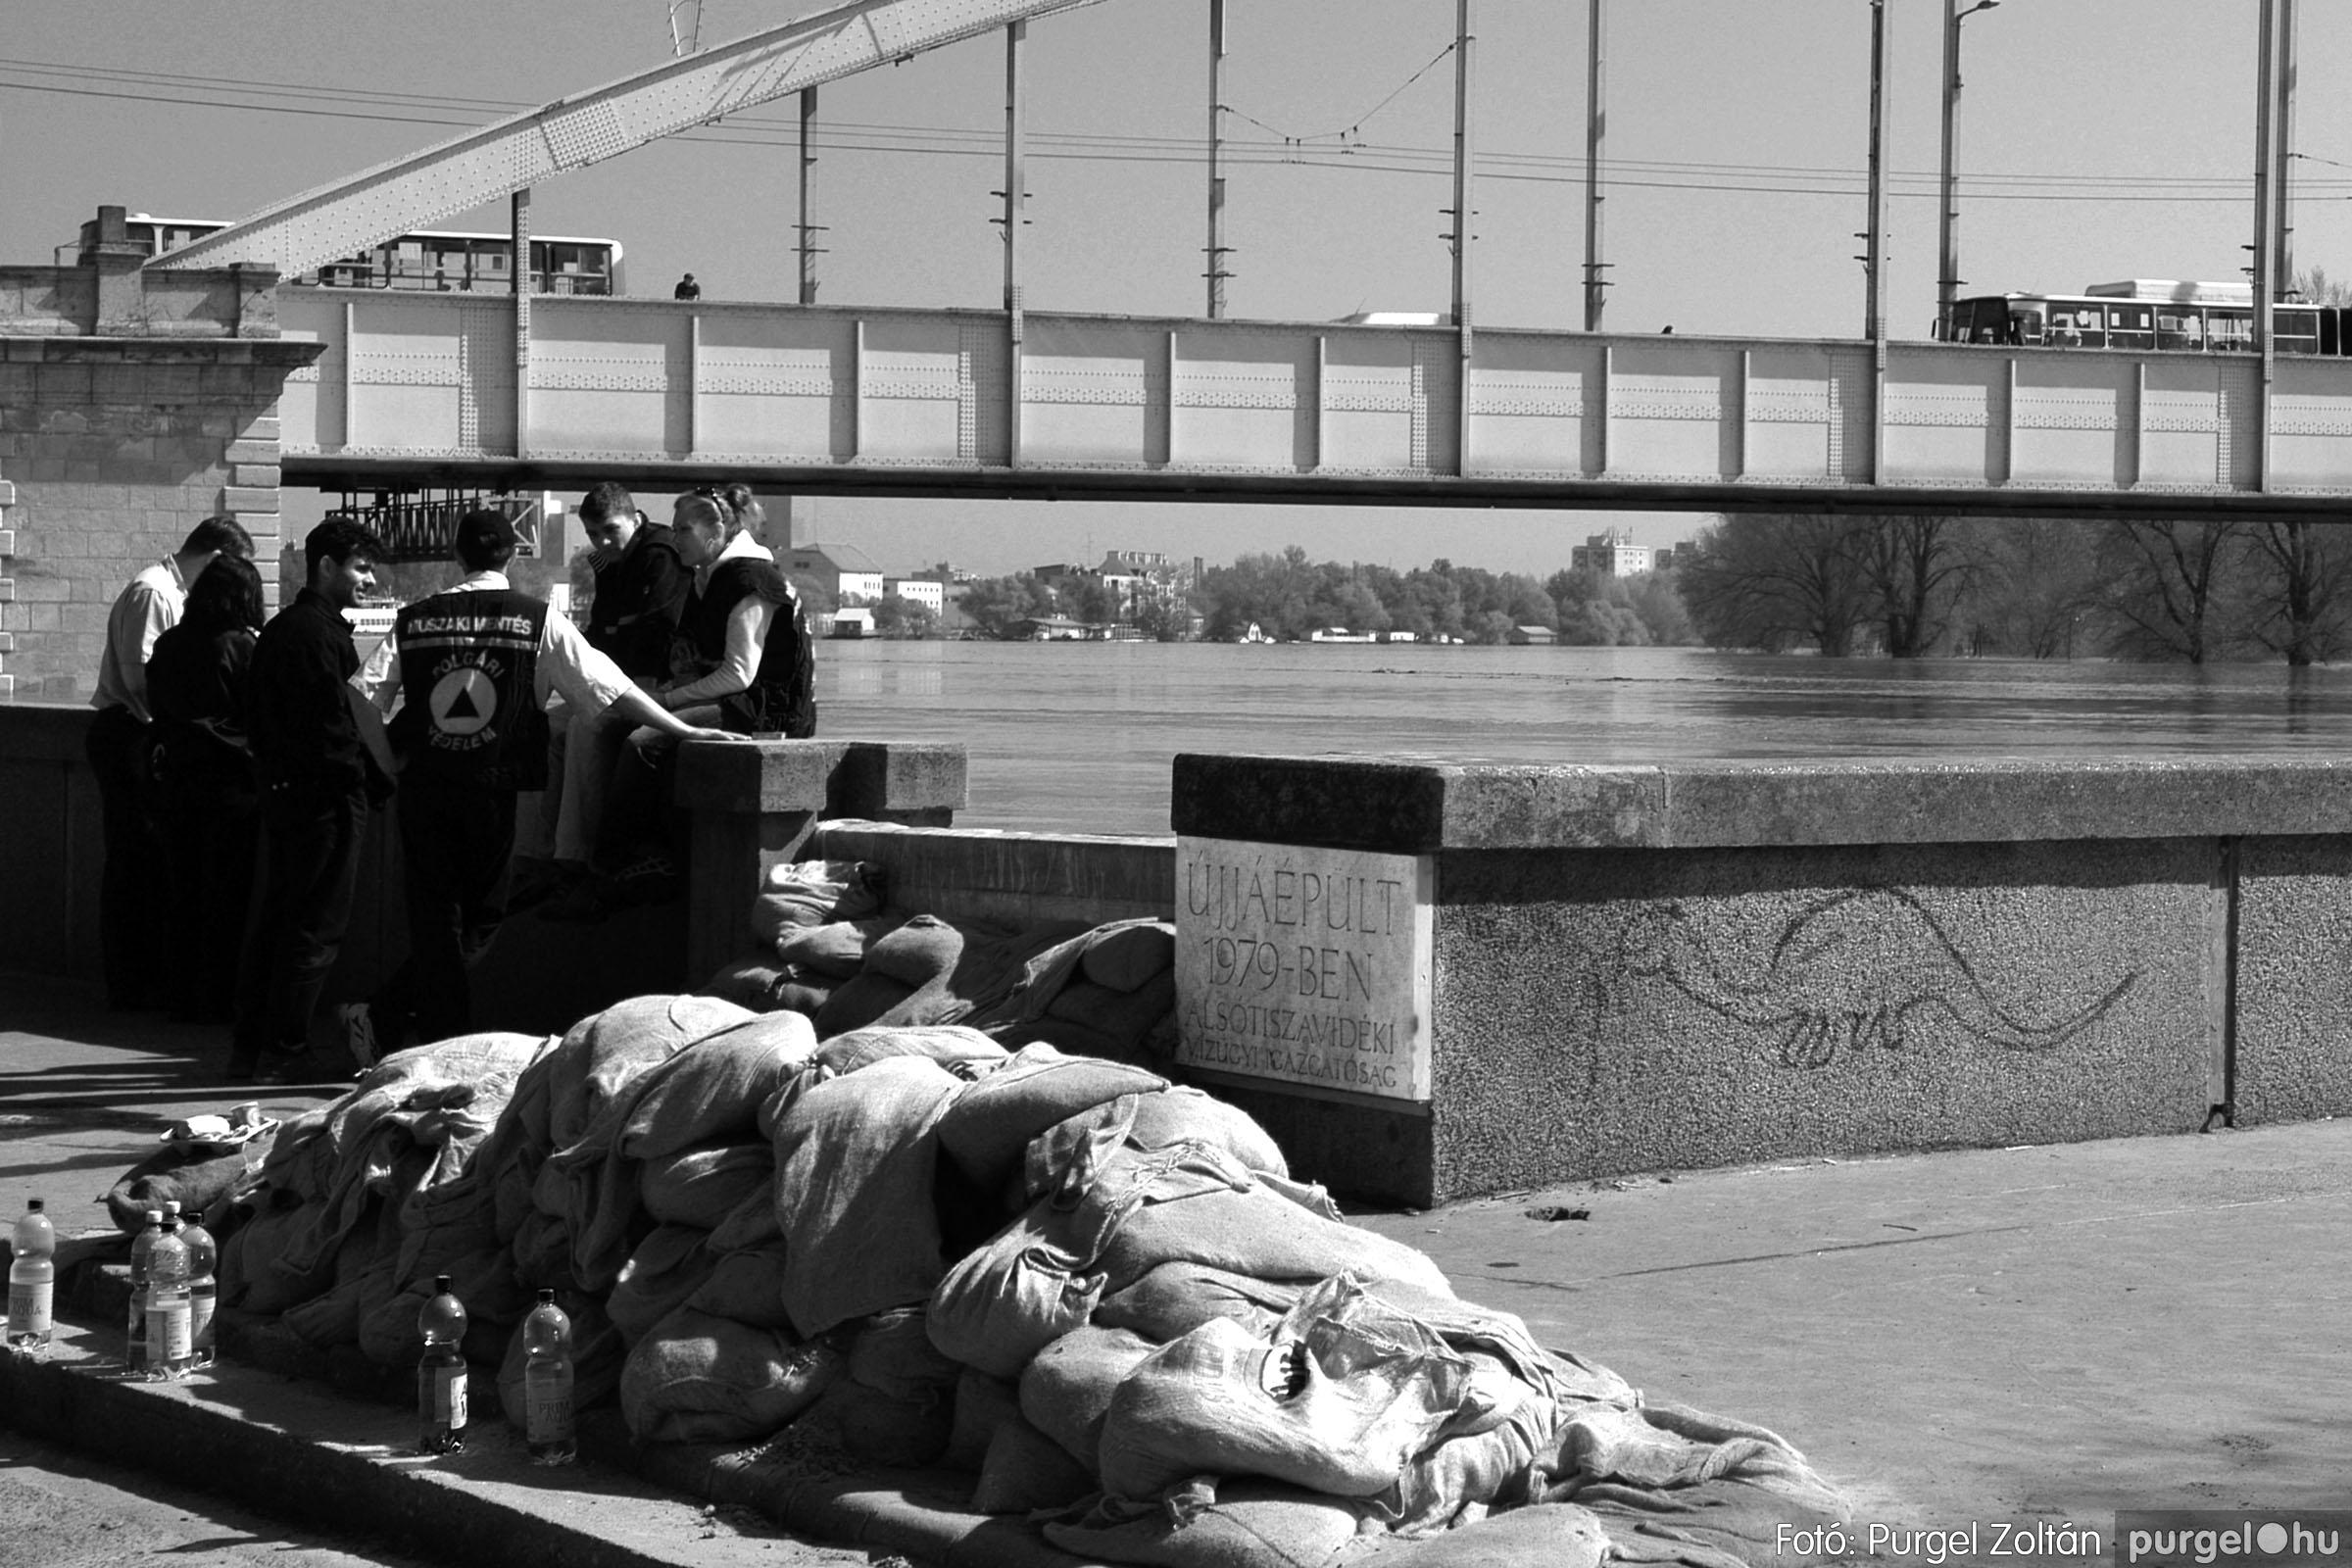 009 Örök pillanatok fotókiállításom képei - Tiszai árvíz · Tisza river flood 2006.jpg